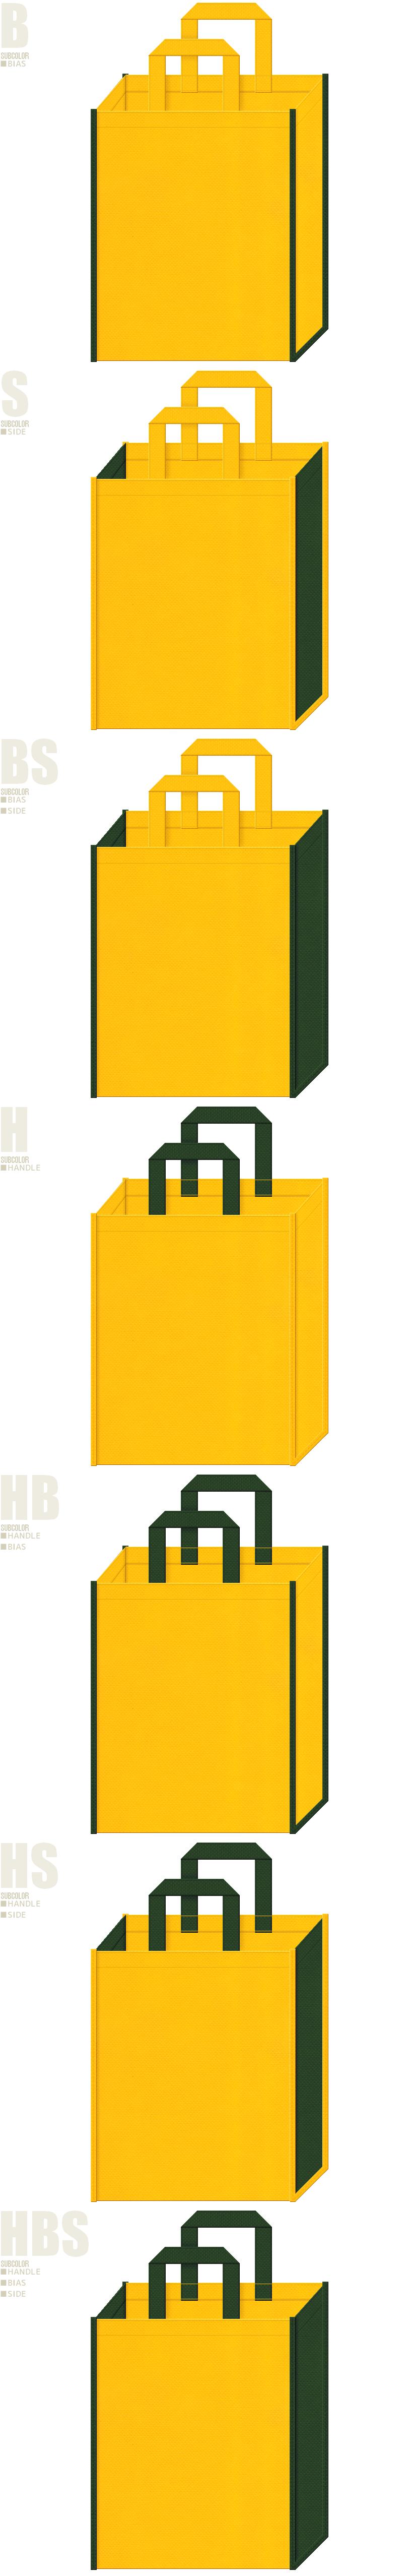 パイナップル・かぼちゃ・保安・電気工事・安全用品・アウトドア・キャンプ用品の展示会用バッグにお奨めの不織布バッグデザイン:黄色と濃緑色の配色7パターン。